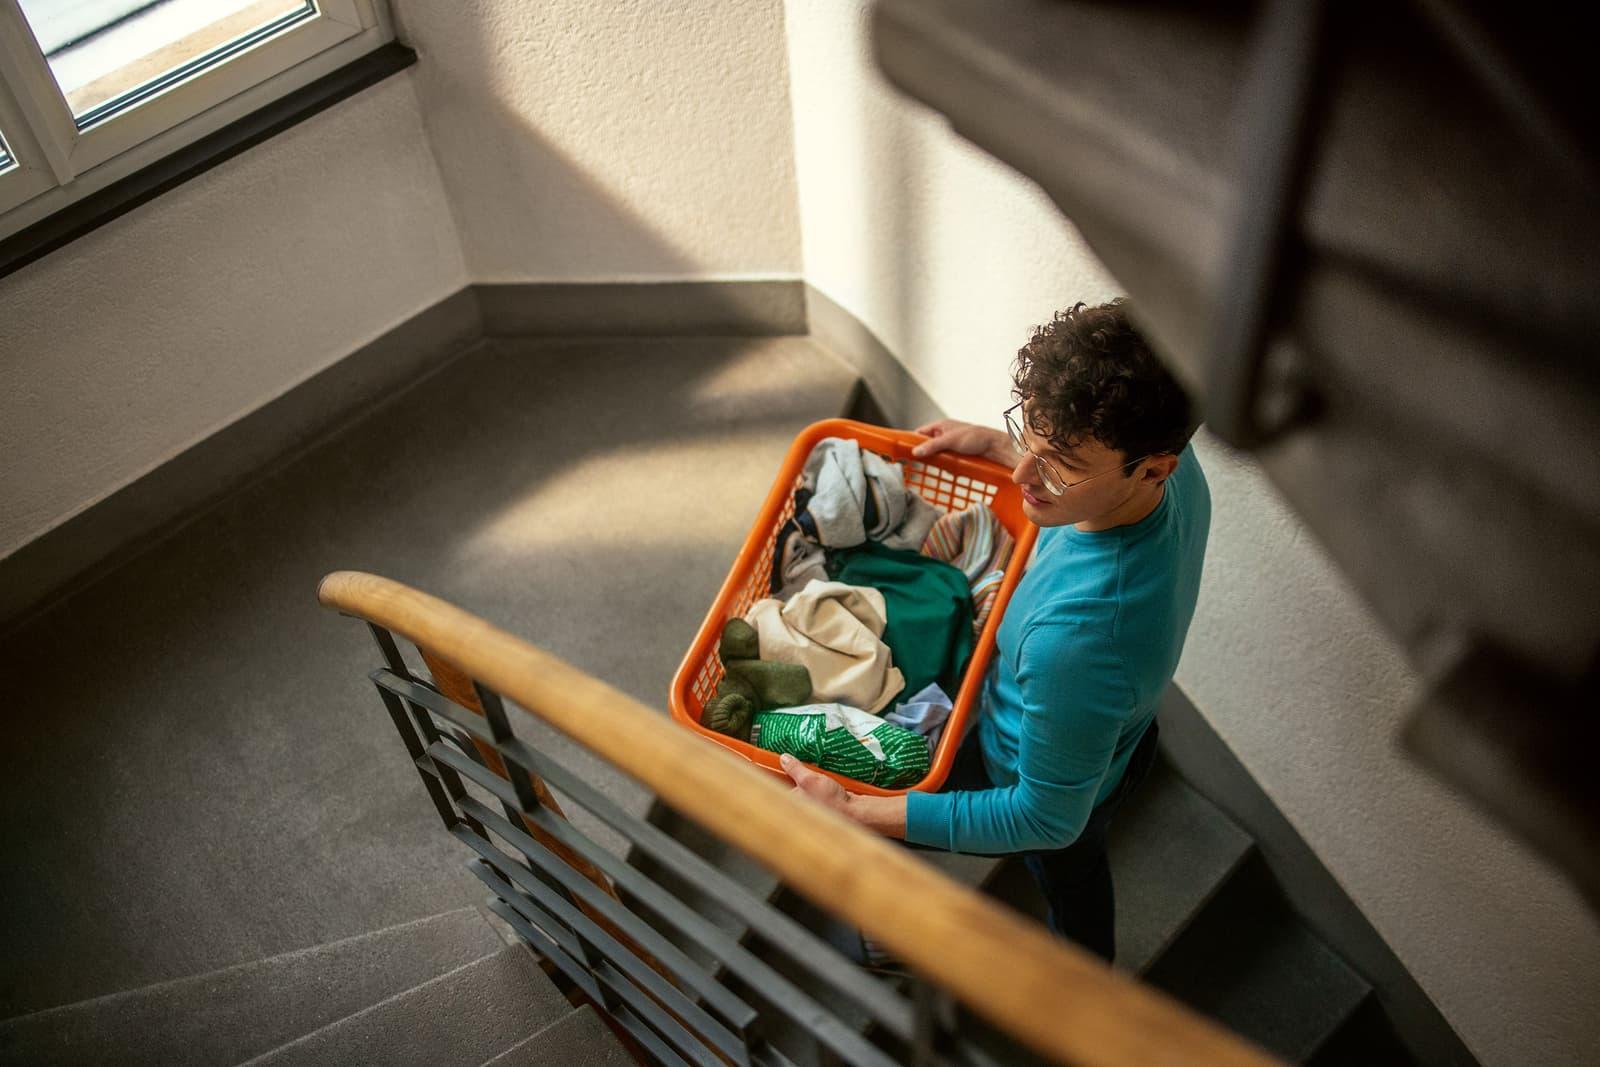 Un ragazzo con un cesto pieno di biancheria sale le scale.